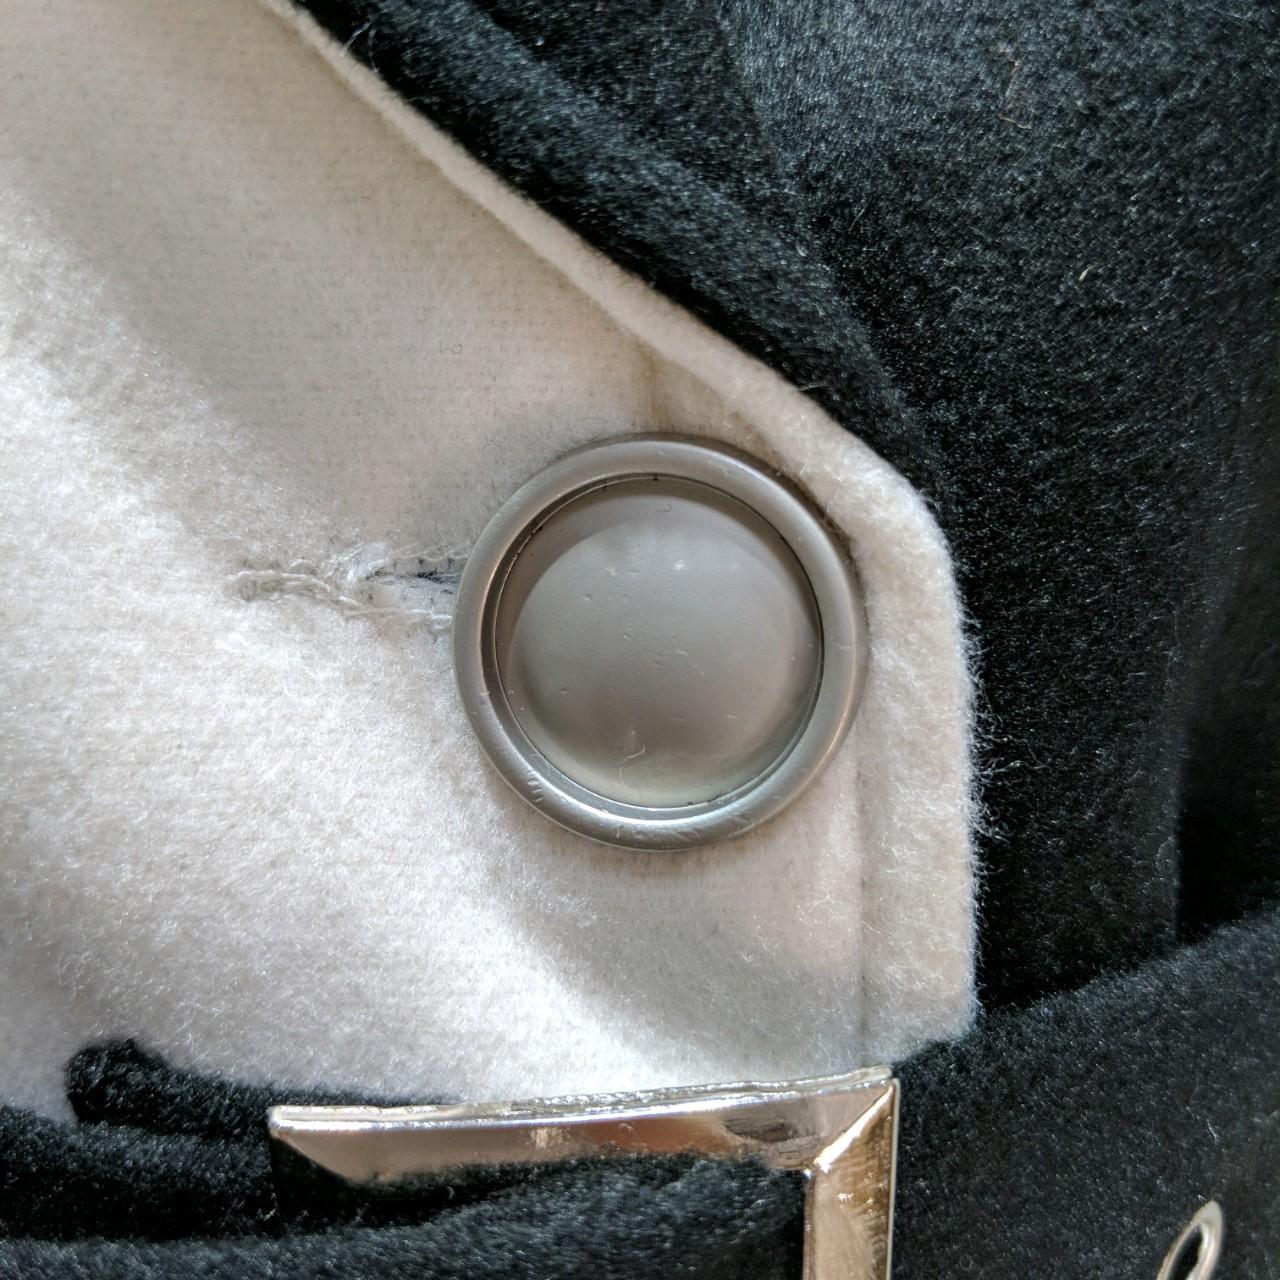 【即納】韓国 ファッション アウター コート 秋 冬 パーティー ブライダル SPTXG918  ミリタリー調 バイカラー アシンメトリー 二次会 セレブ きれいめの写真14枚目